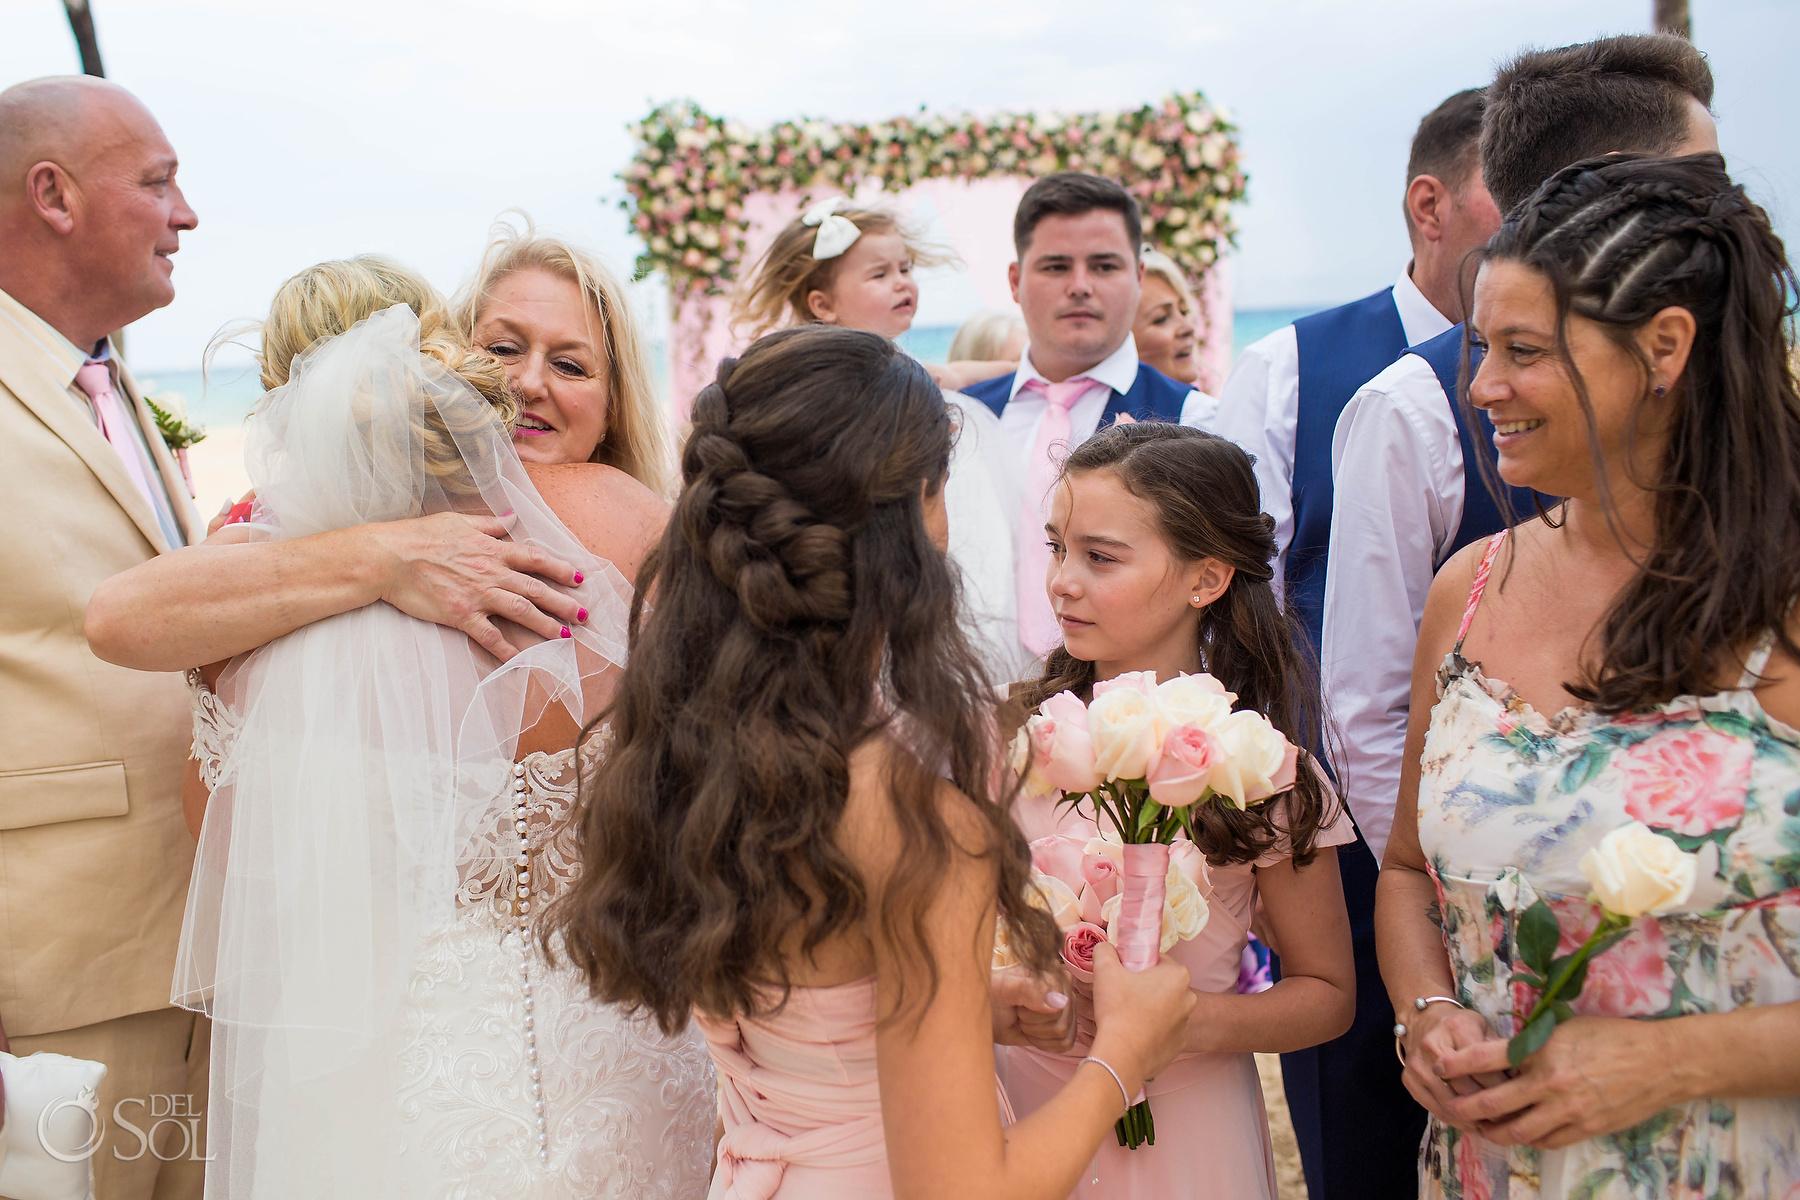 Family congrats hugs wedding ceremony